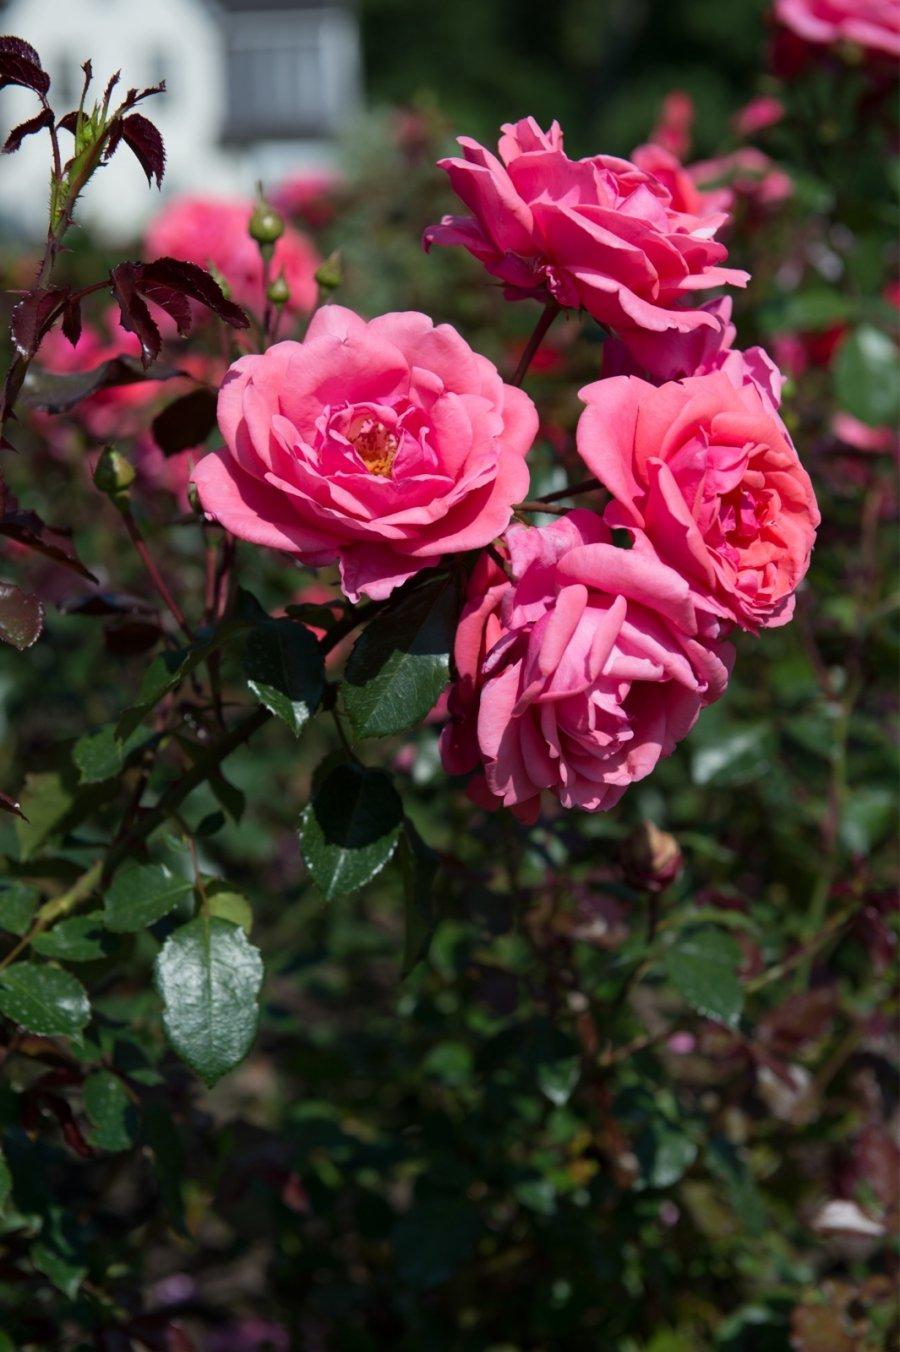 Pildiotsingu roosoja talu tulemus